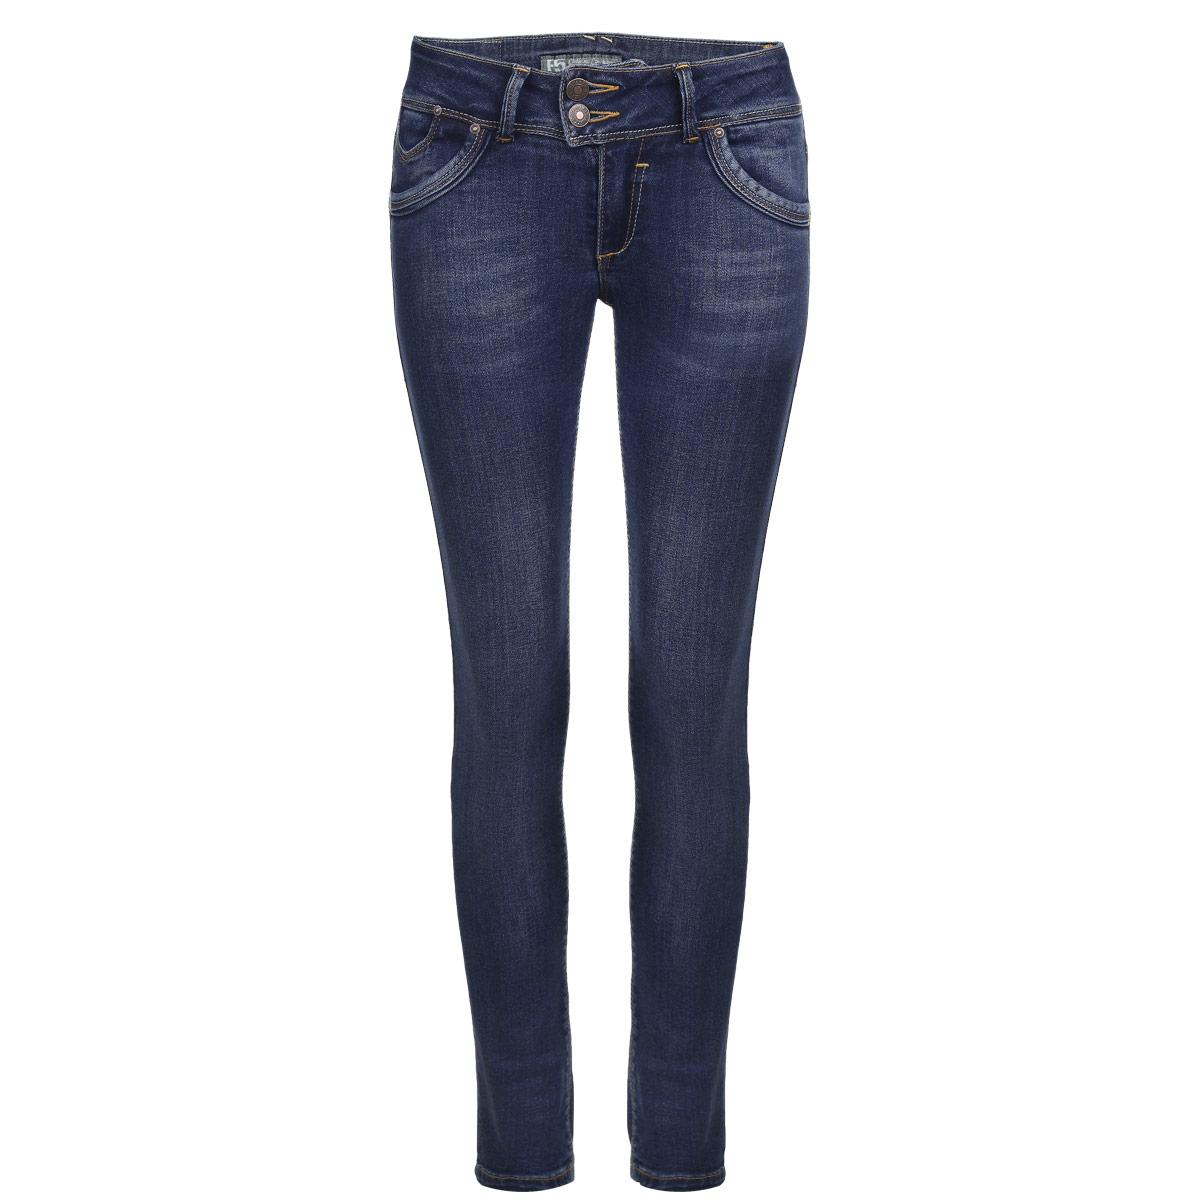 Джинсы женские. 1966819668Стильные женские джинсы F5 созданы специально для того, чтобы подчеркивать достоинства вашей фигуры. Модель супер зауженного кроя и низкой посадки станет отличным дополнением к вашему современному образу. Джинсы застегиваются на две пуговицы в поясе и ширинку на застежке-молнии, имеются шлевки для ремня. Спереди модель дополнена двумя втачными карманами и одним небольшим вшитым кармашком, а сзади - имитацией прорезных карманов. Изделие оформлено тертым эффектом, перманентными складками и контрастной отстрочкой. Эти модные и в тоже время комфортные джинсы послужат отличным дополнением к вашему гардеробу.